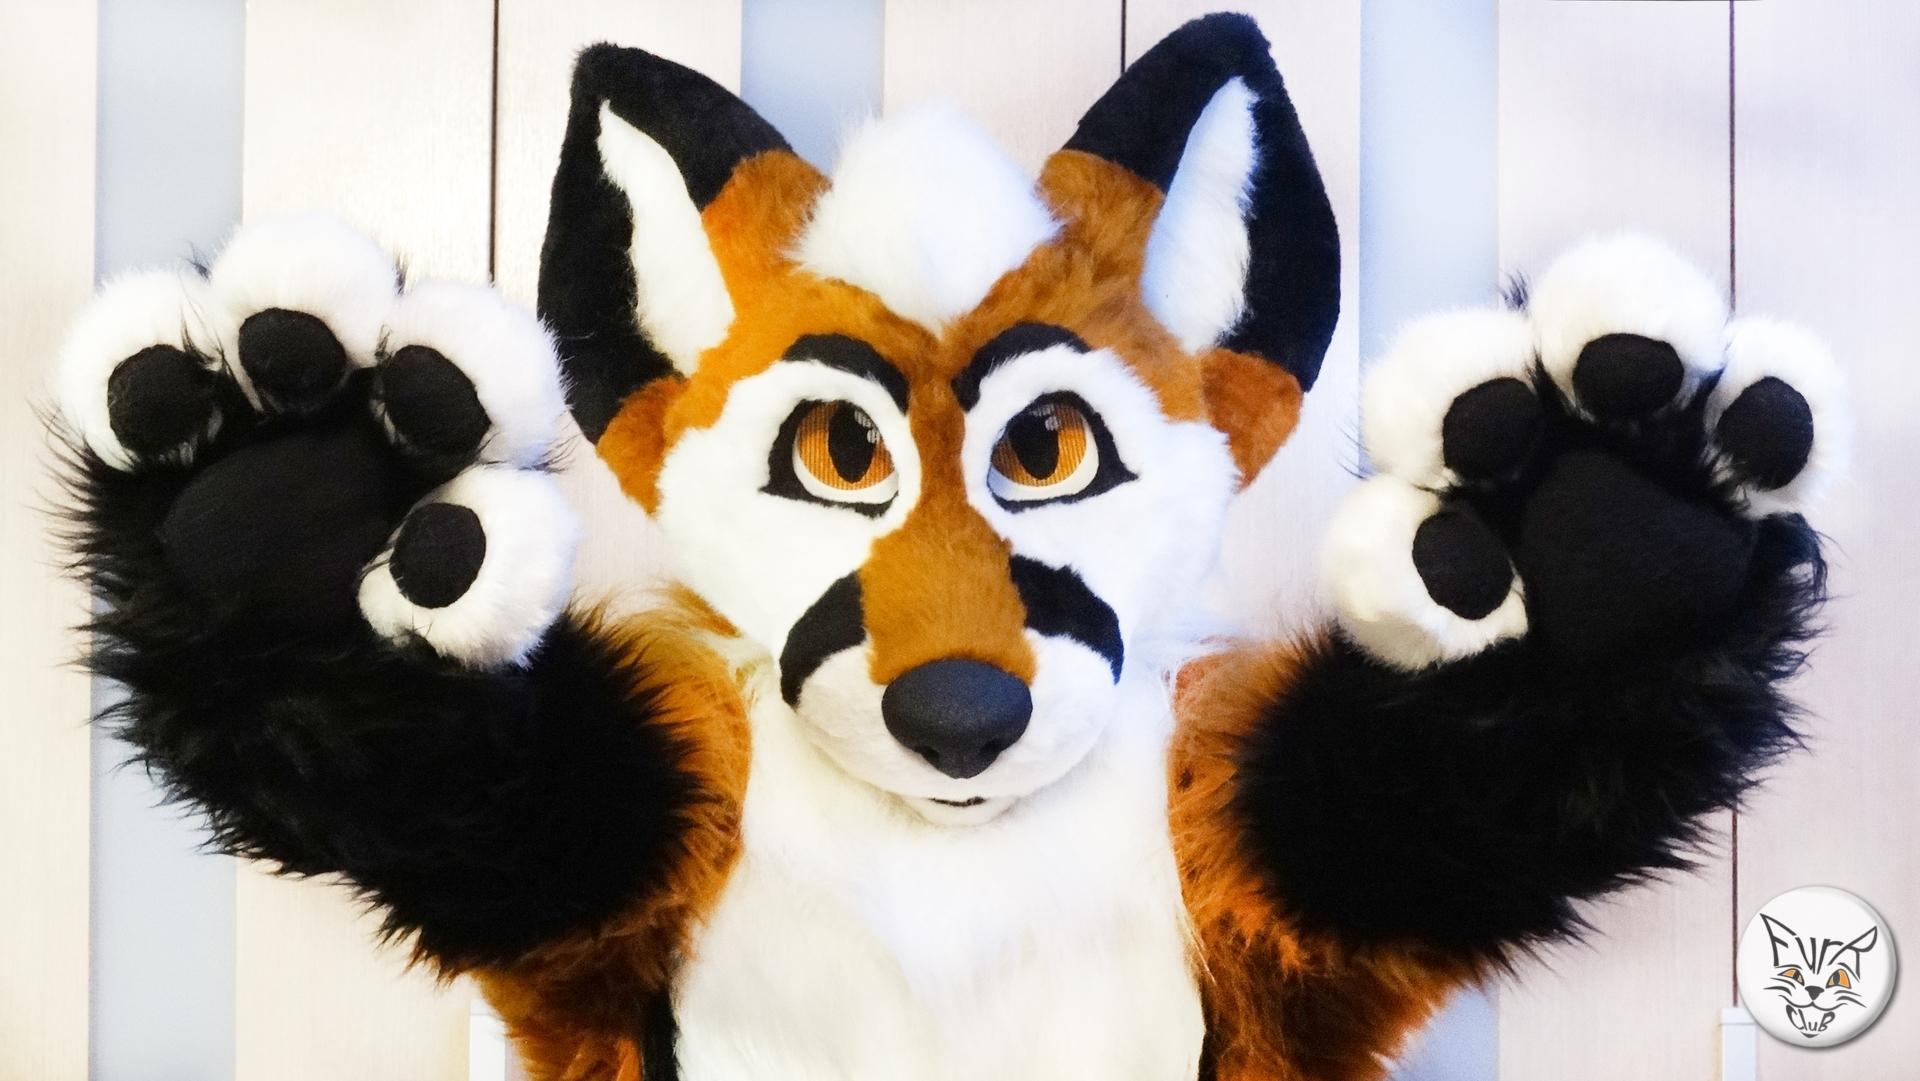 ToonyFox fursuit from FurR.CluB!